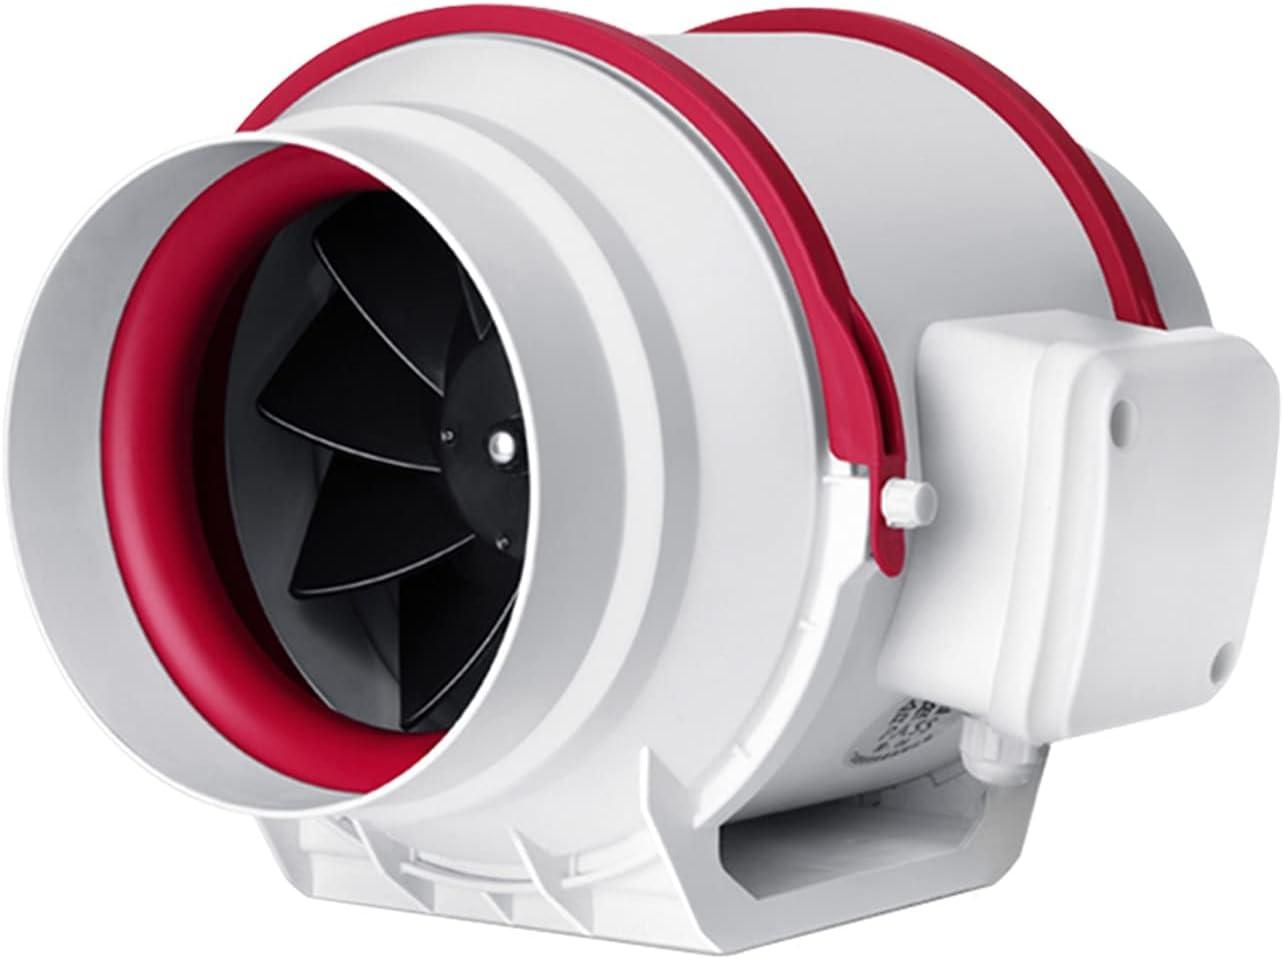 Ventilador extractor Ventilador de escape con conducto con conductos de flujo diagonal Potente ventilador de ventilador silencioso con ajustes de 2 velocidades Ventilador de escape de humo de cocina c